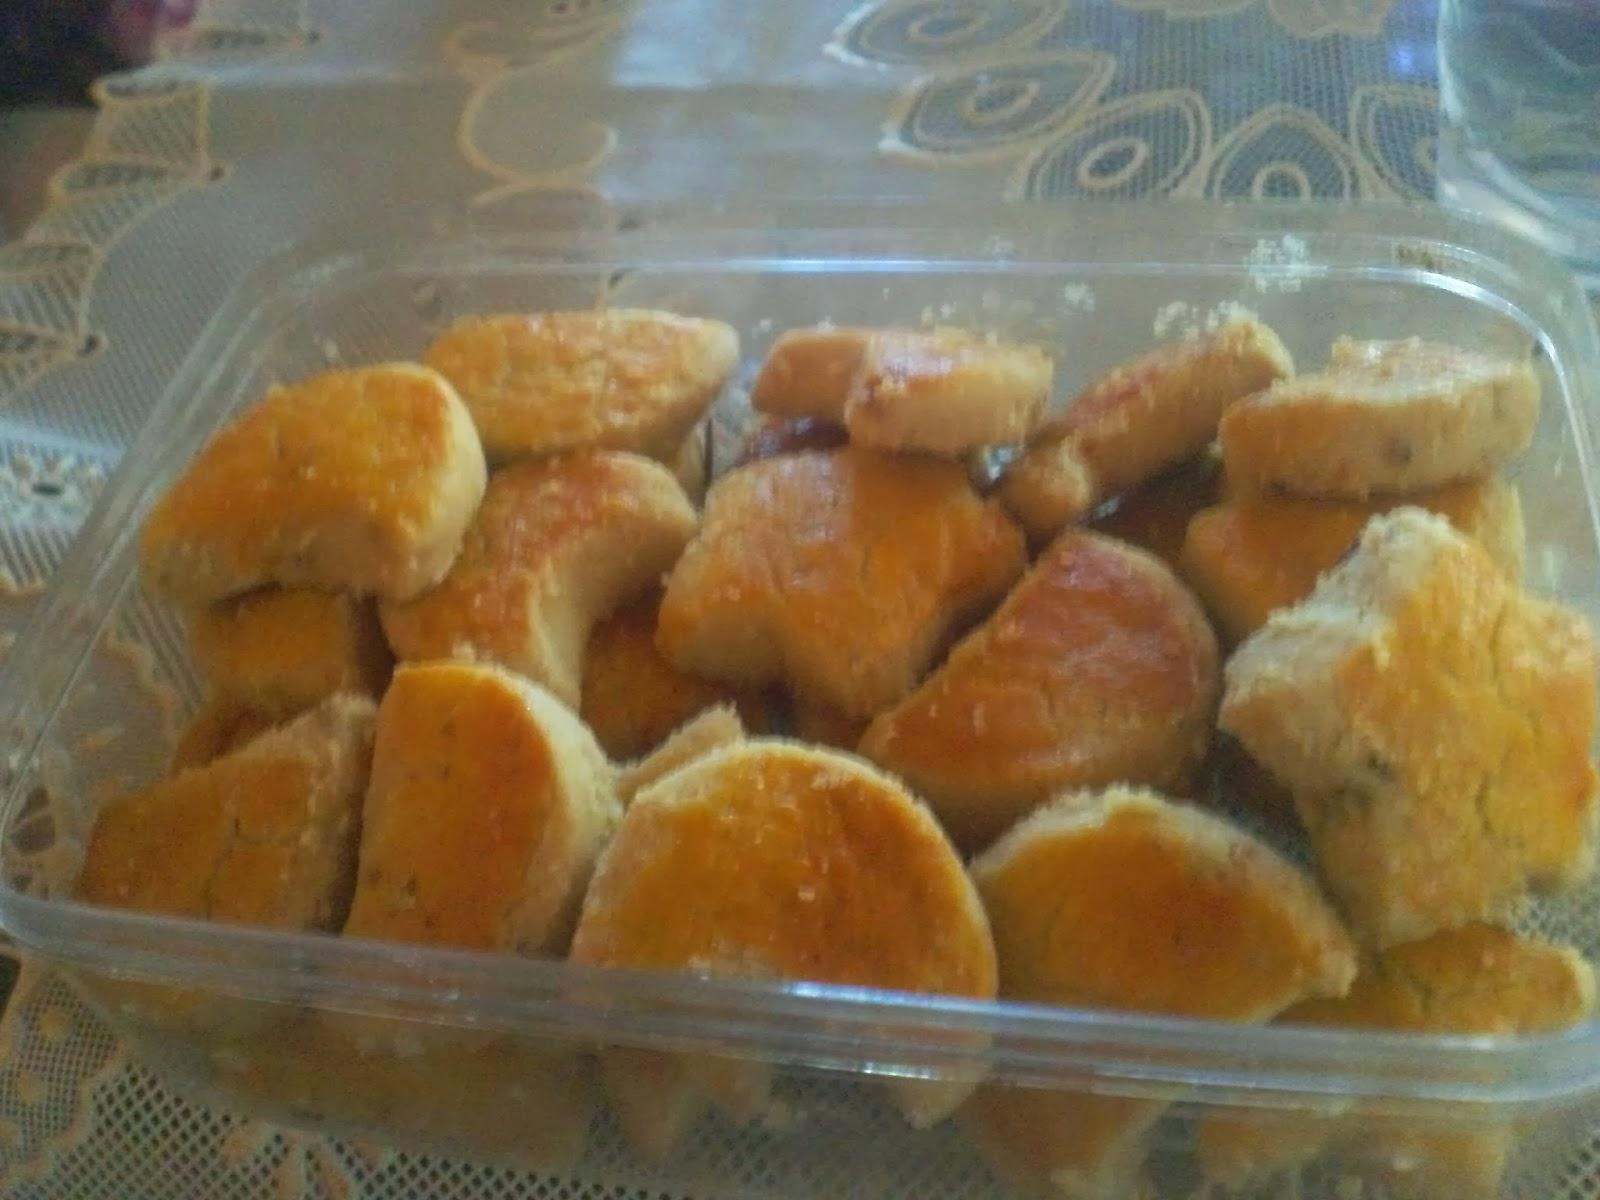 Kue Kering Kacang,Resep Kue Kacang,Aneka Camilan kue kacang